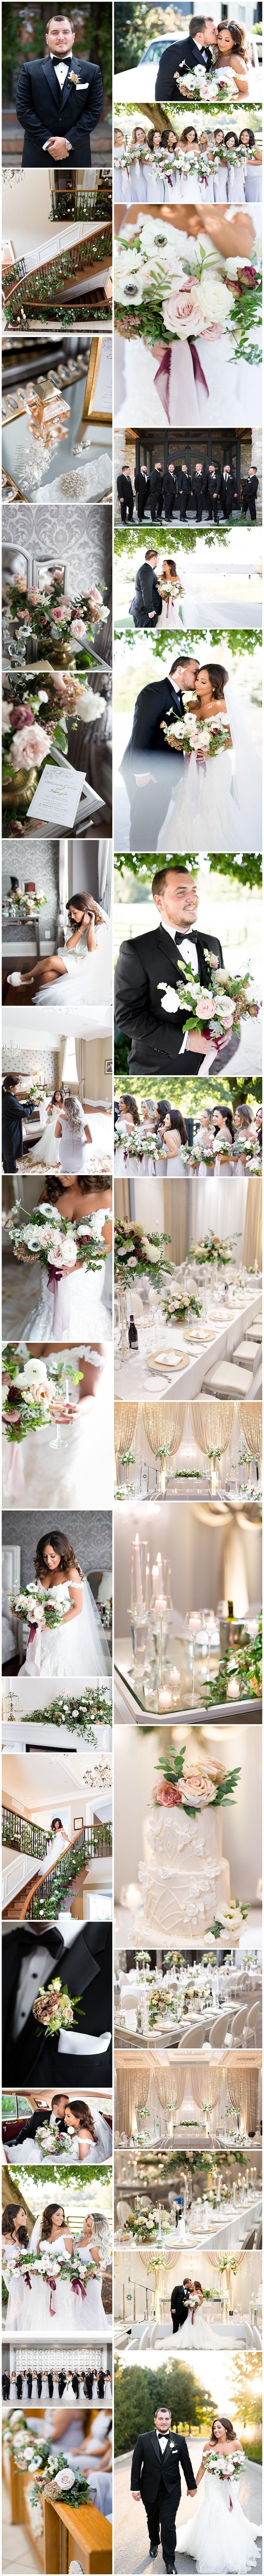 rikki marcone events flowers florist weddings toronto best bouquet fall wedding chateau le parc autumn